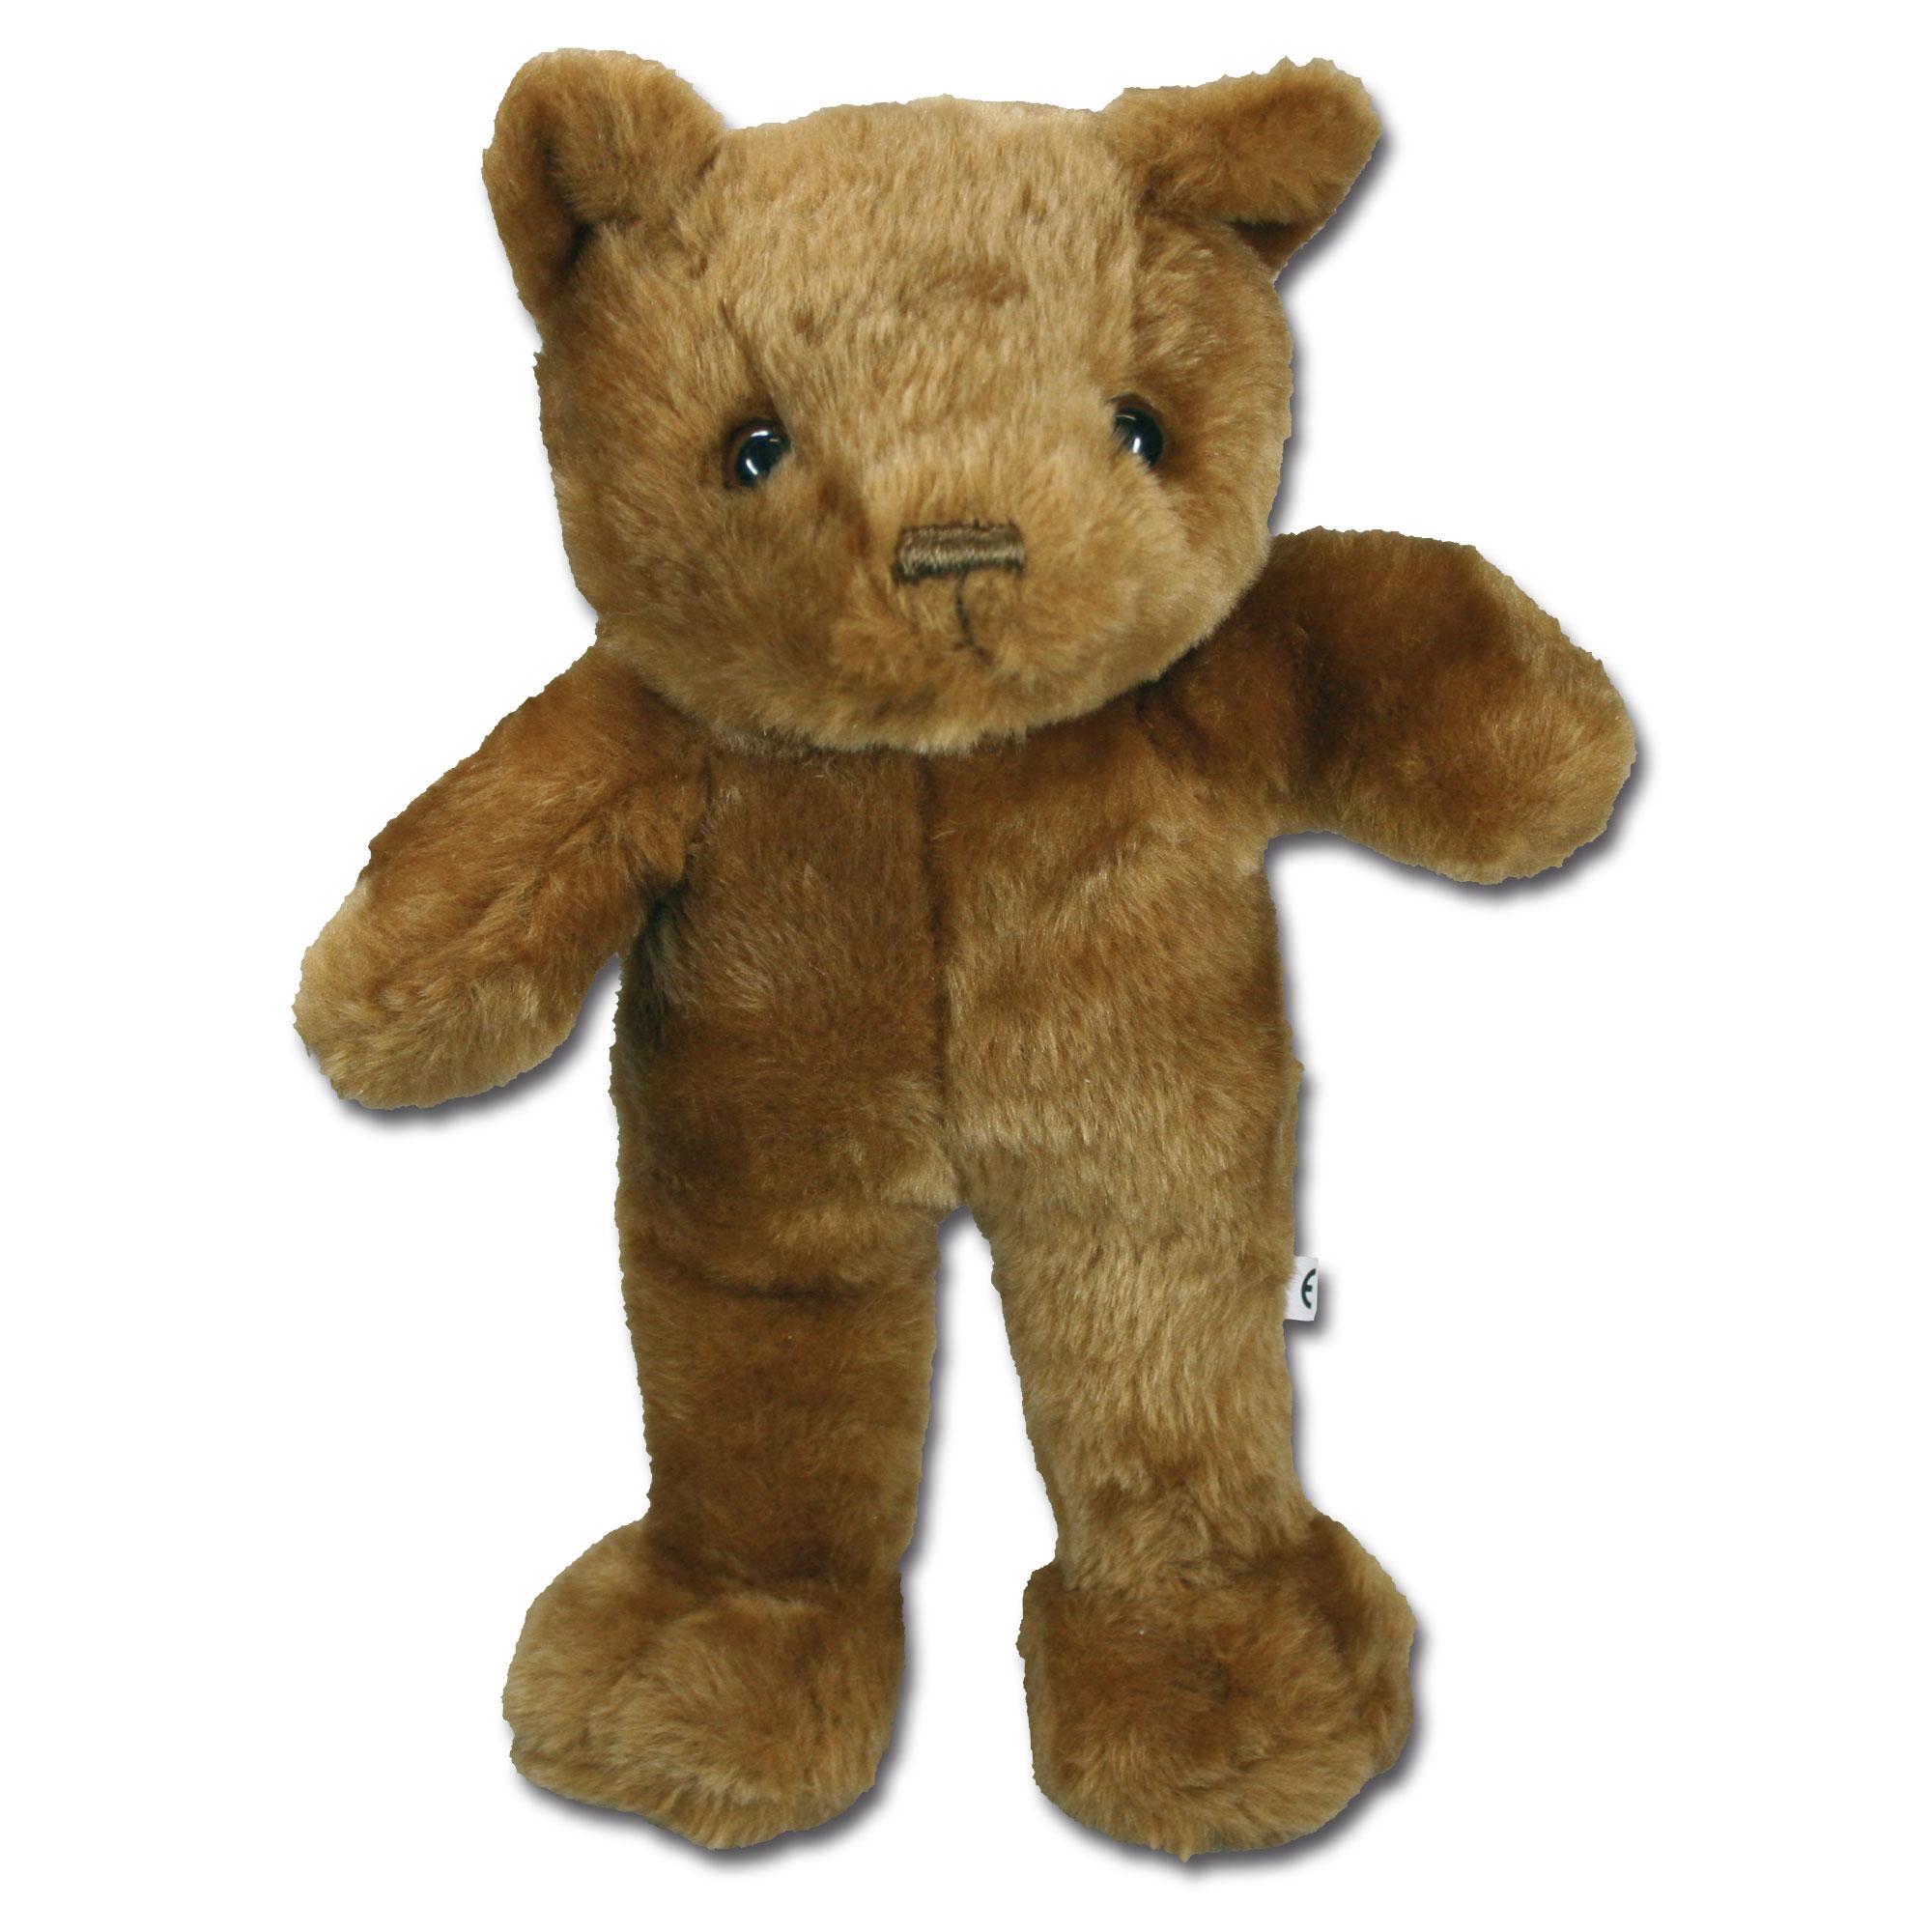 Teddybär Knuddel klein